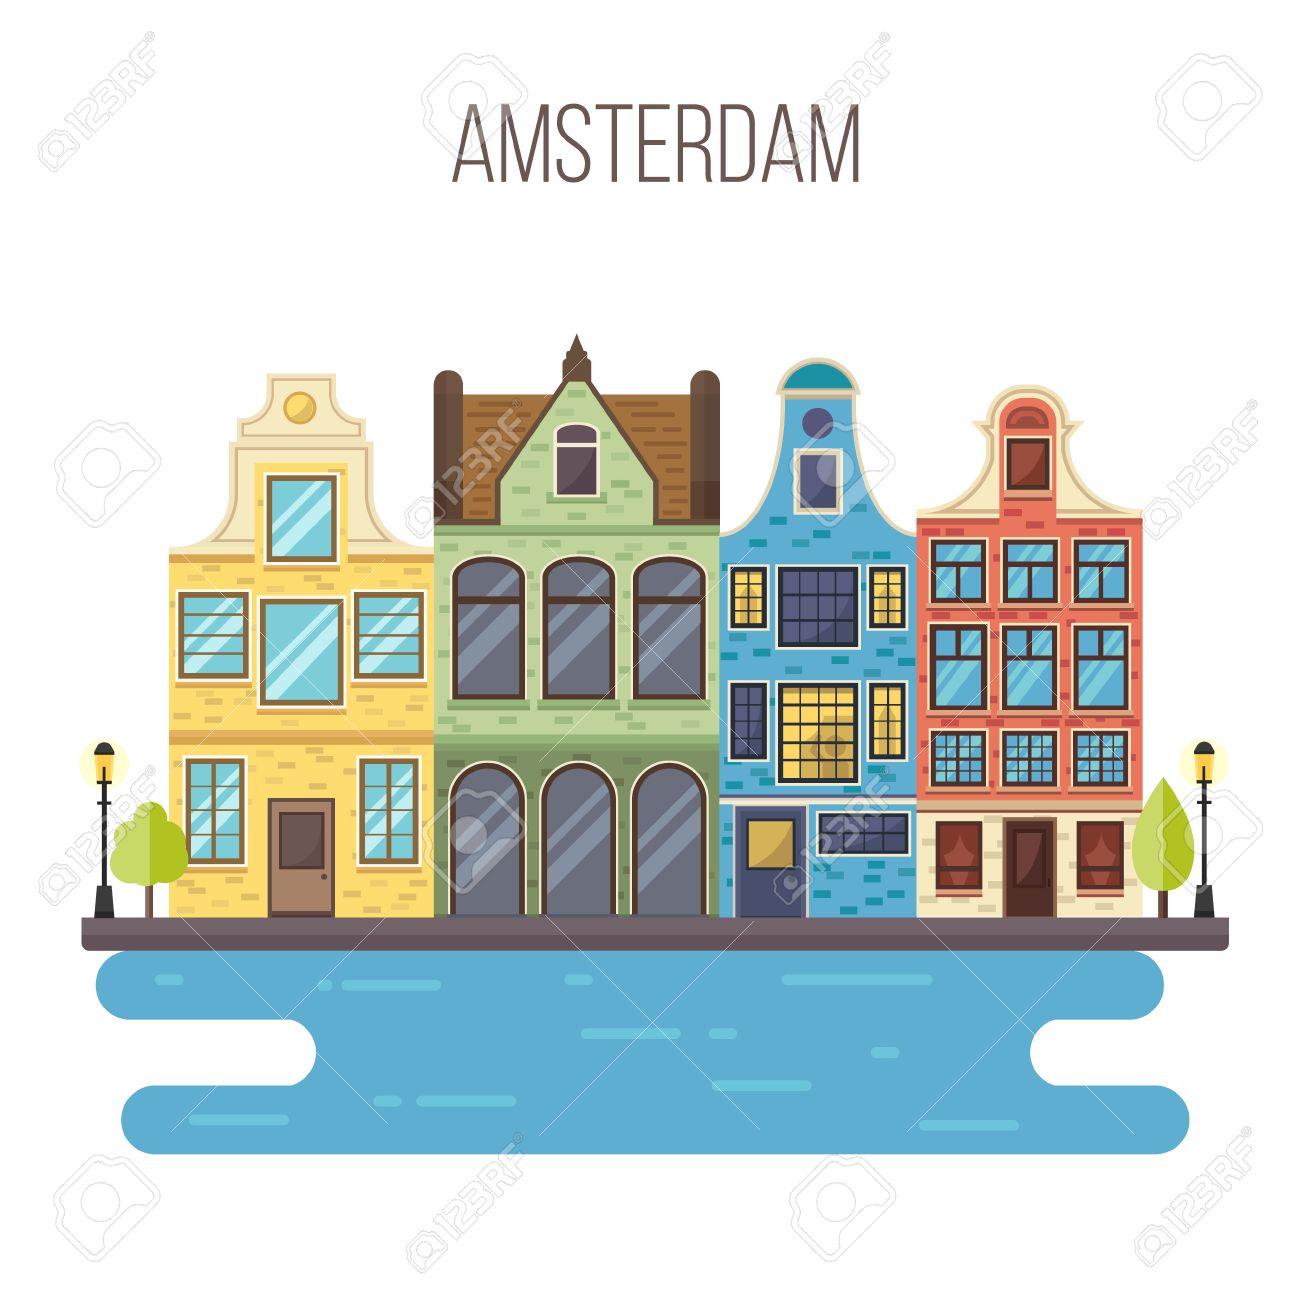 アムステルダムの街並みのベクター イラストです伝統的なオランダの